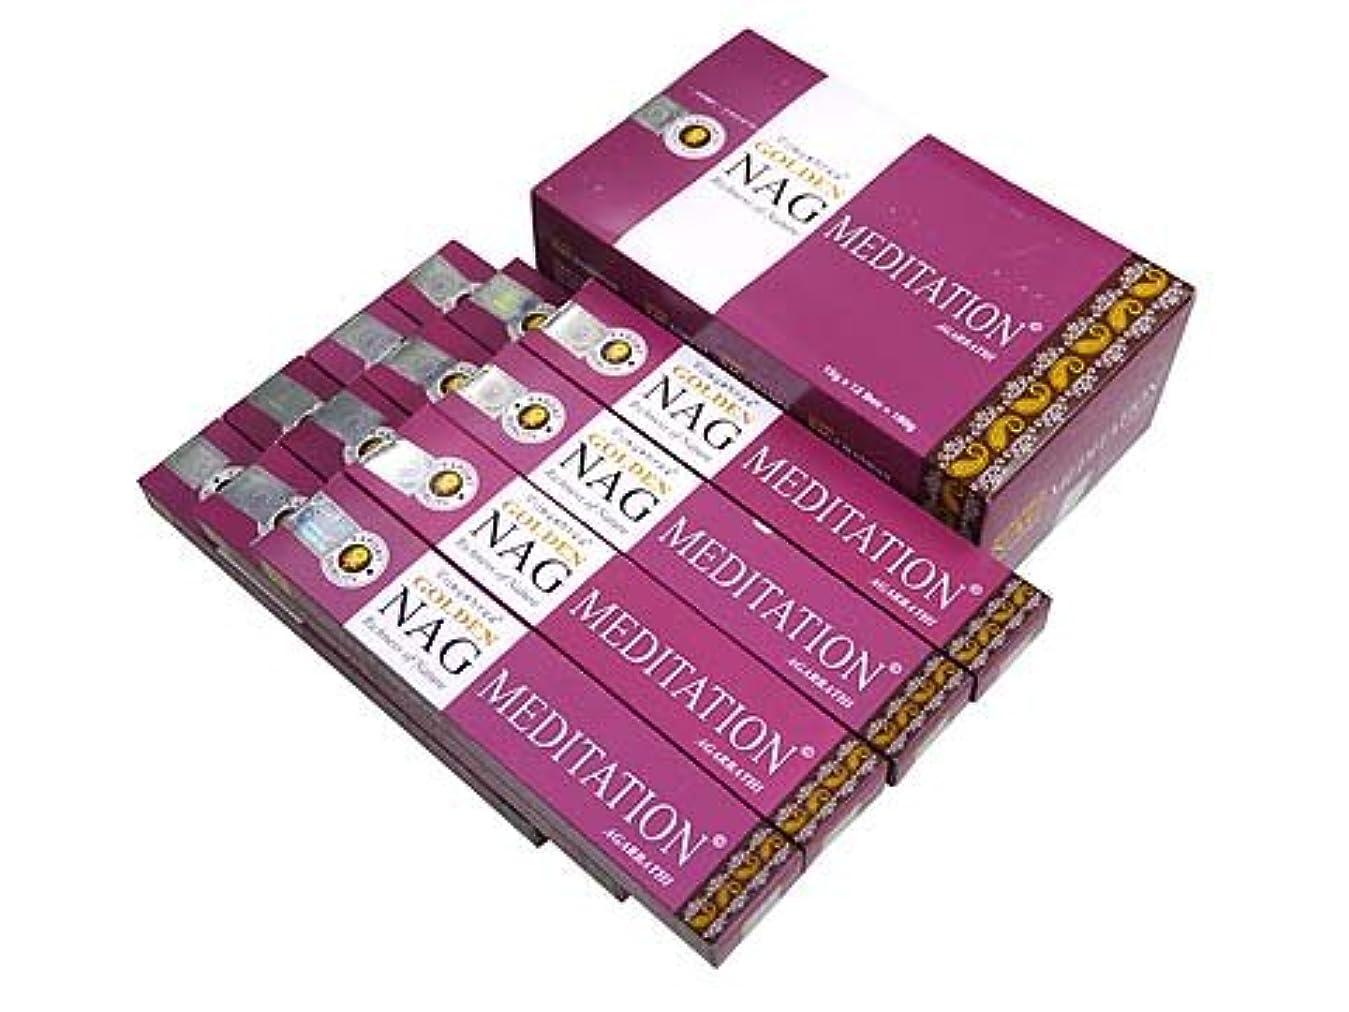 ビリーヤギ案件同化するVIJAYSHRE(ヴィジェイシリー ゴールデン) NAG MEDITATION ゴールデン ナグメディテーション香 スティック 12箱セット